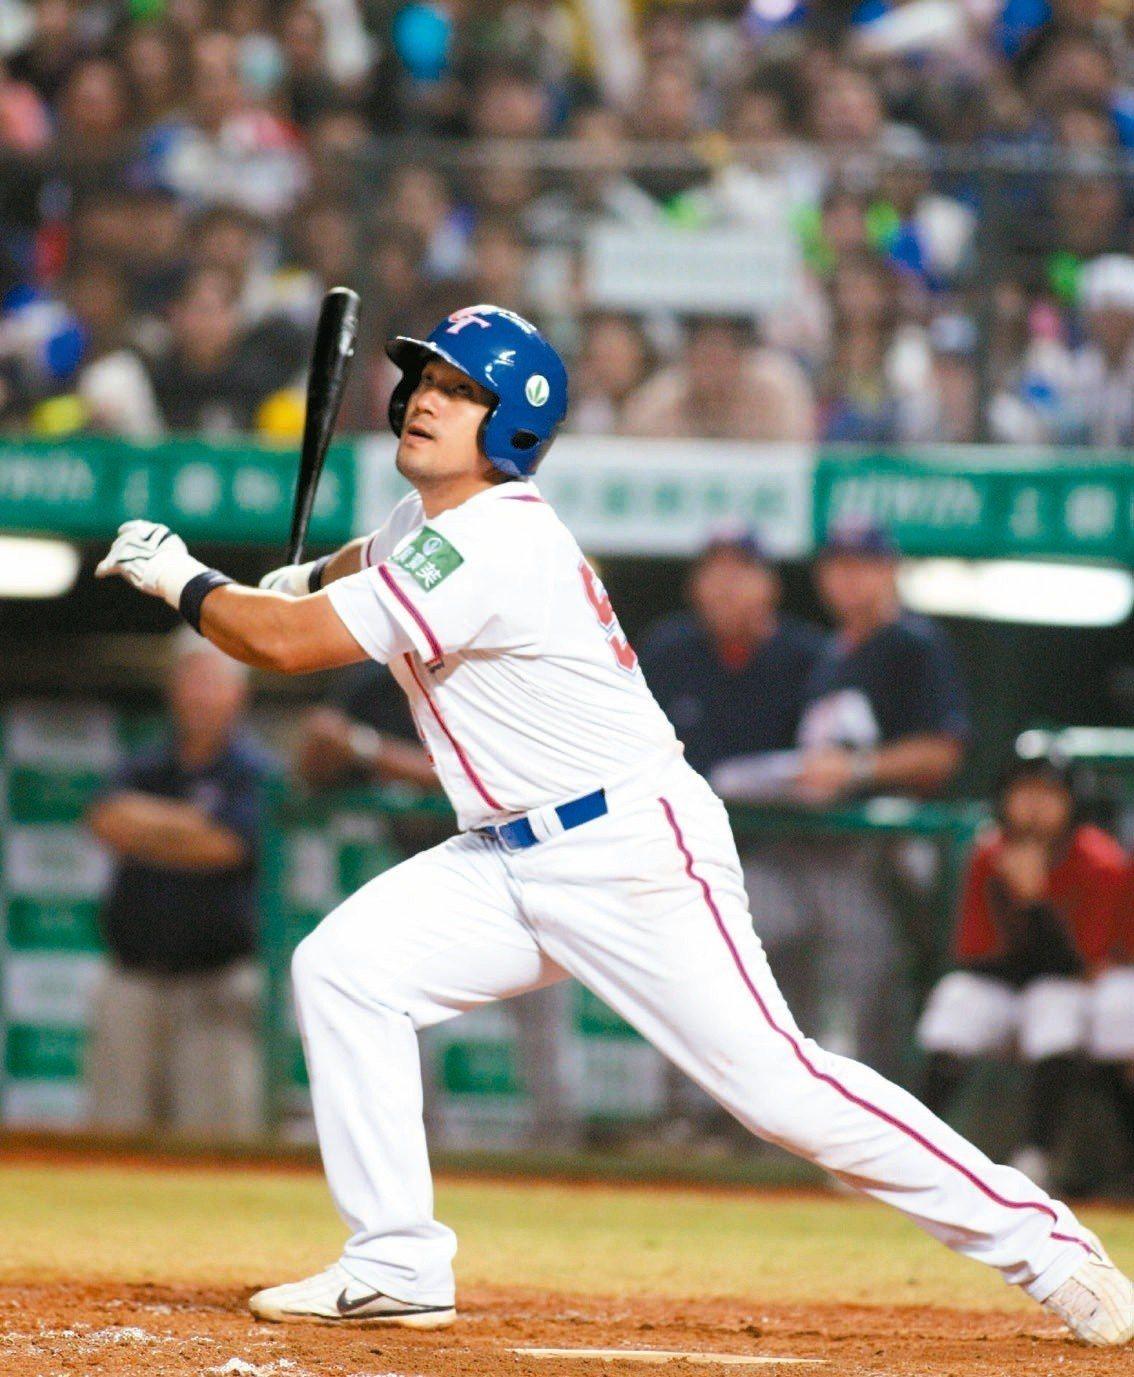 謝佳賢過去是中華隊第一左打,參與過不少國際賽。 聯合報系資料照